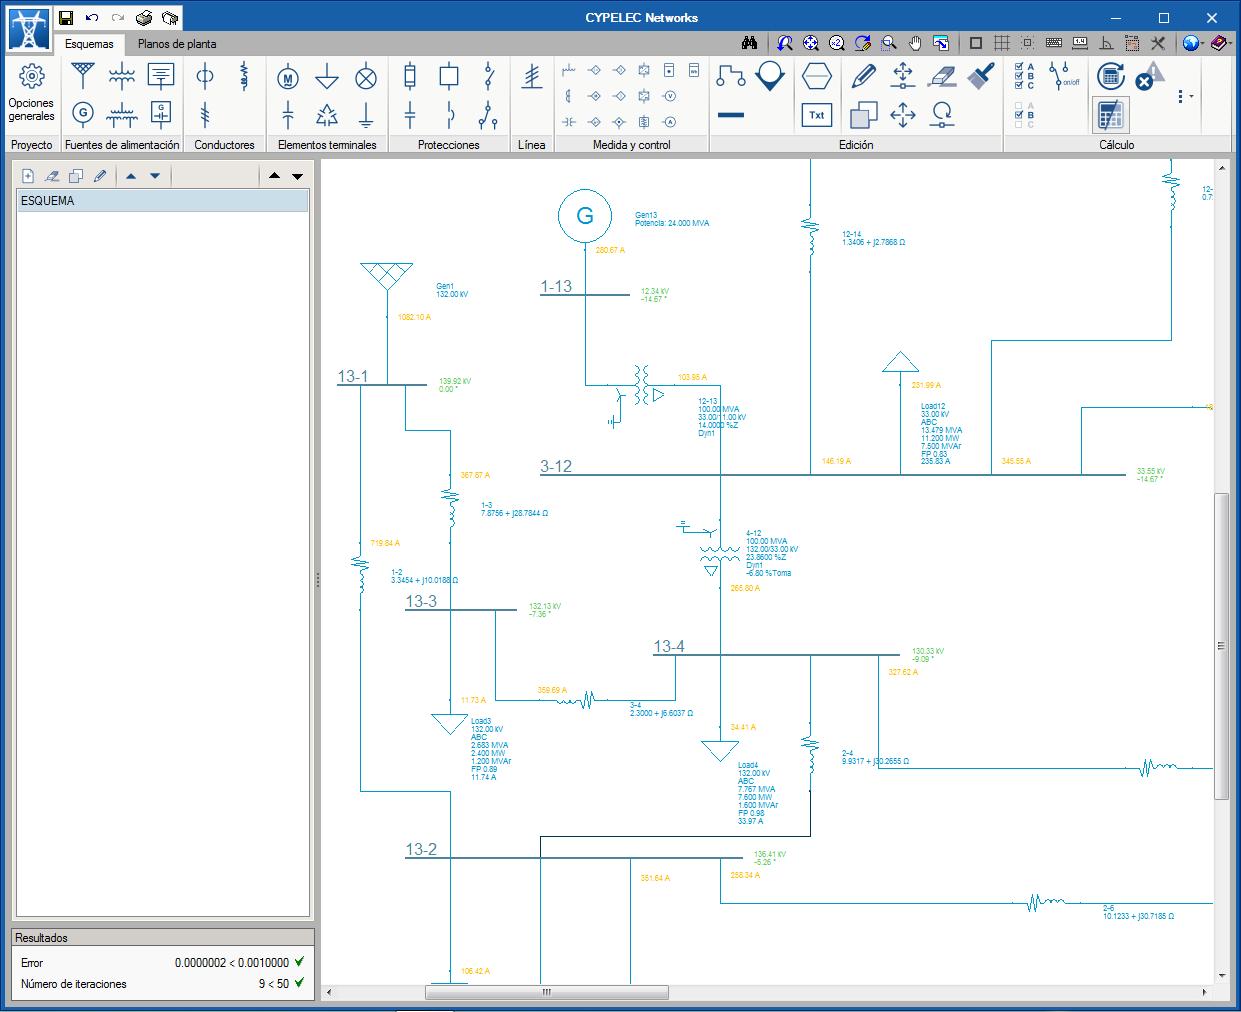 Nouveaux modules et logiciels. CYPELEC Networks.